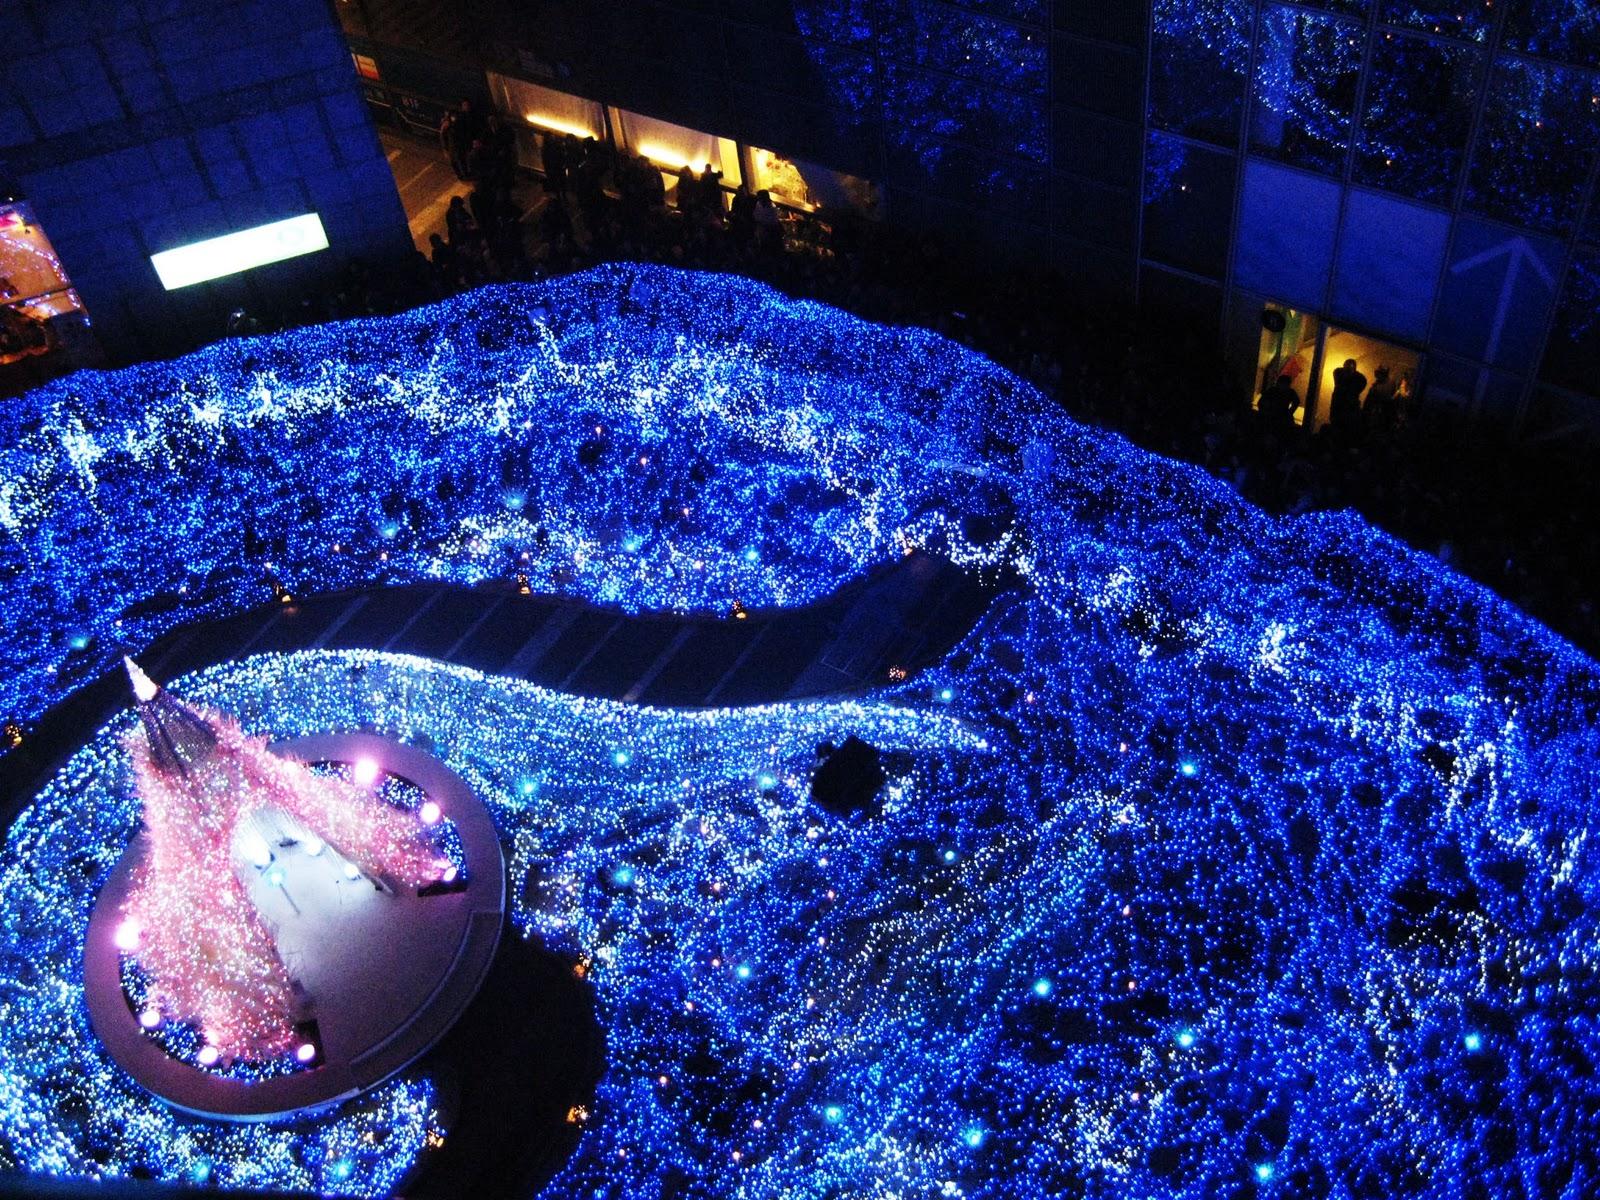 http://2.bp.blogspot.com/-c88bwpkBt7g/TvSfG4p82kI/AAAAAAAABhI/gvTPrxq9uDw/s1600/Tokyo+from+celinecats.wordpress.com.jpg